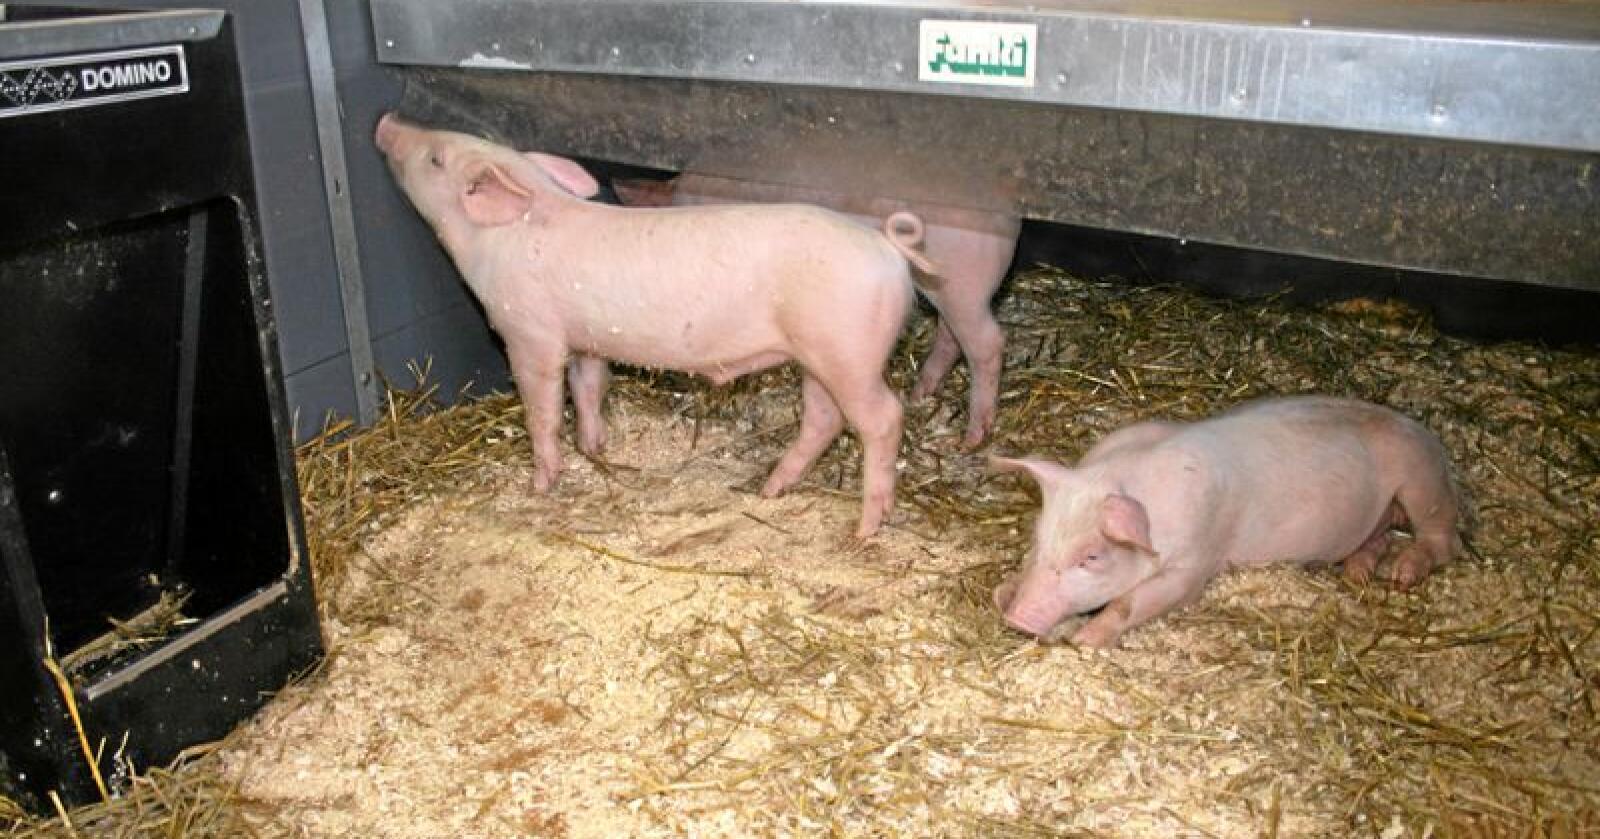 Svinebrems: Produksjonen av svin er venta å gå ned fem prosent etter fleire tiltak for å få bukt med overproduksjonen. Det opnar for at lagera av svinekjøtt kan bli mindre. Foto: Bjarne Bekkeheien Aase